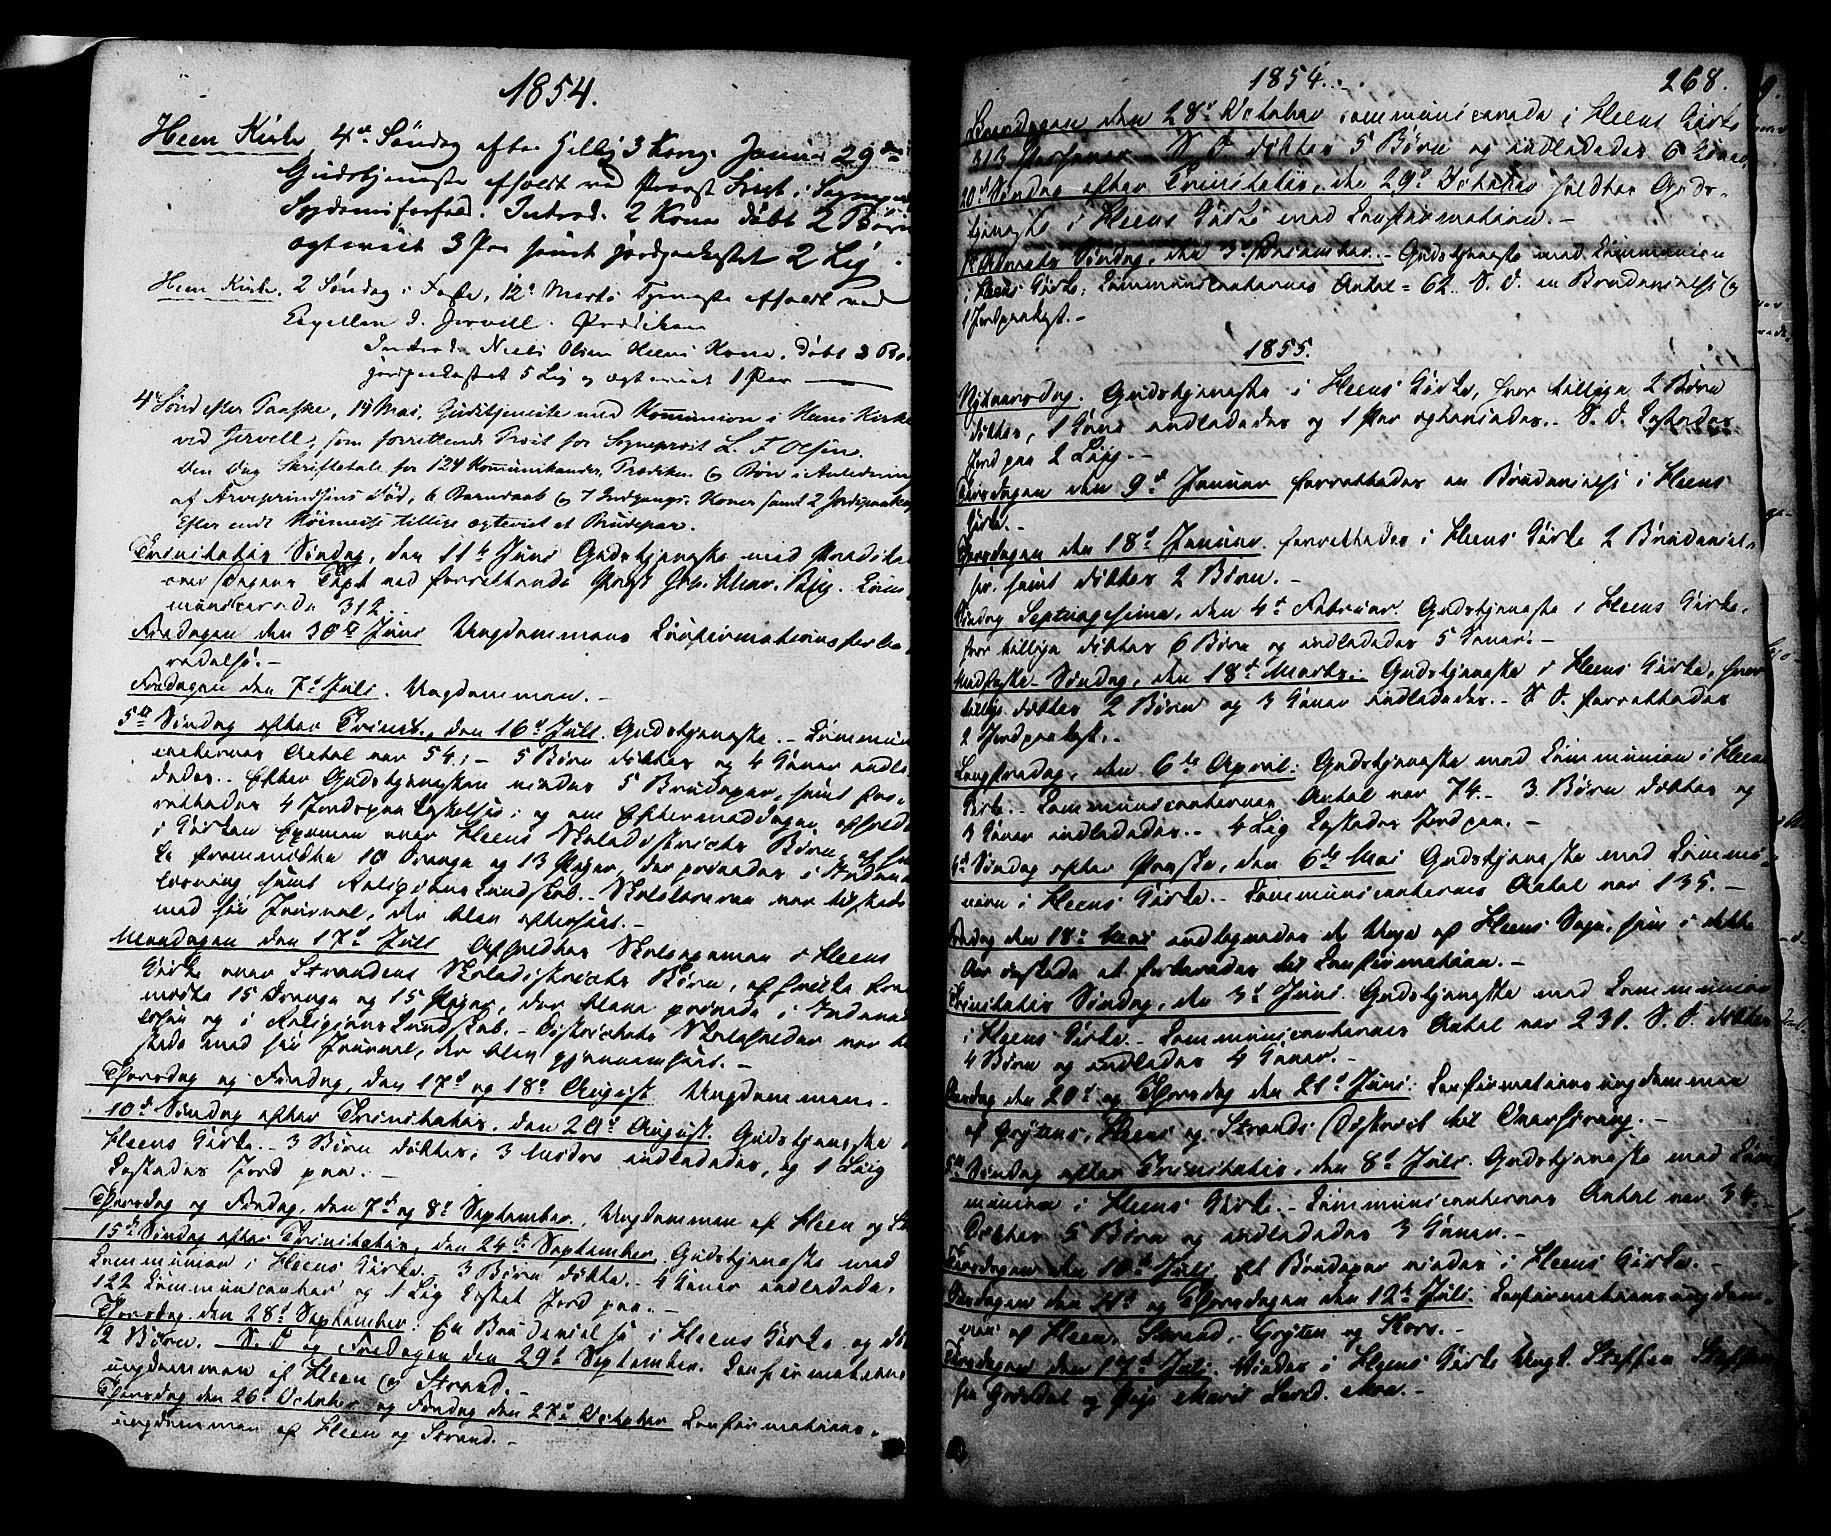 SAT, Ministerialprotokoller, klokkerbøker og fødselsregistre - Møre og Romsdal, 545/L0586: Ministerialbok nr. 545A02, 1854-1877, s. 268